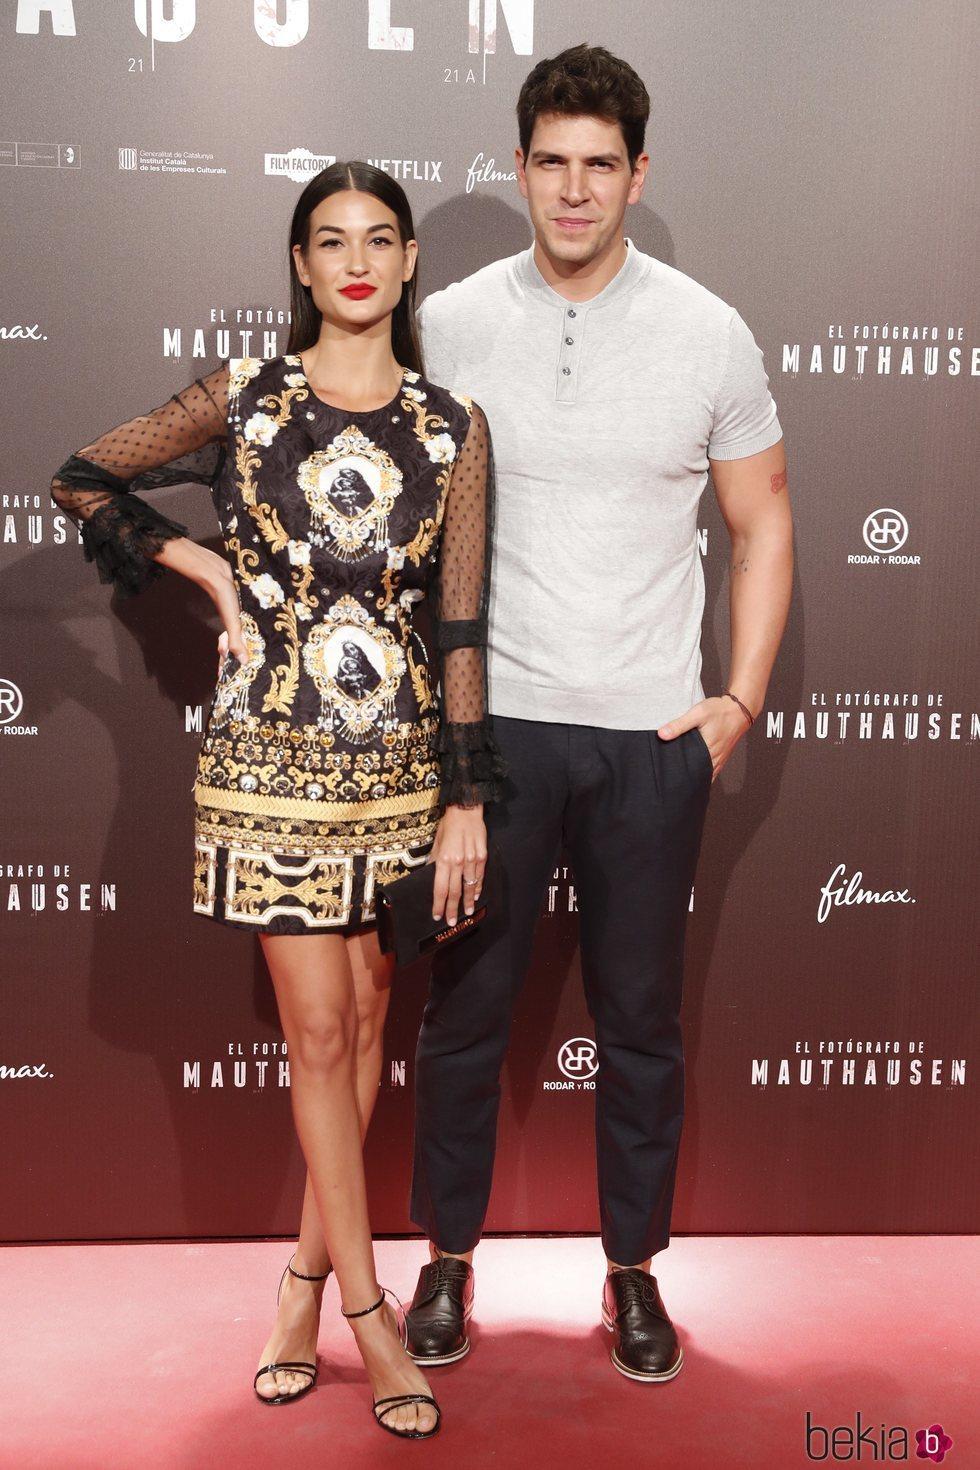 Diego Matamoros y Estela Grande en el estreno de la película 'El fotógrafo de Mauthausen'